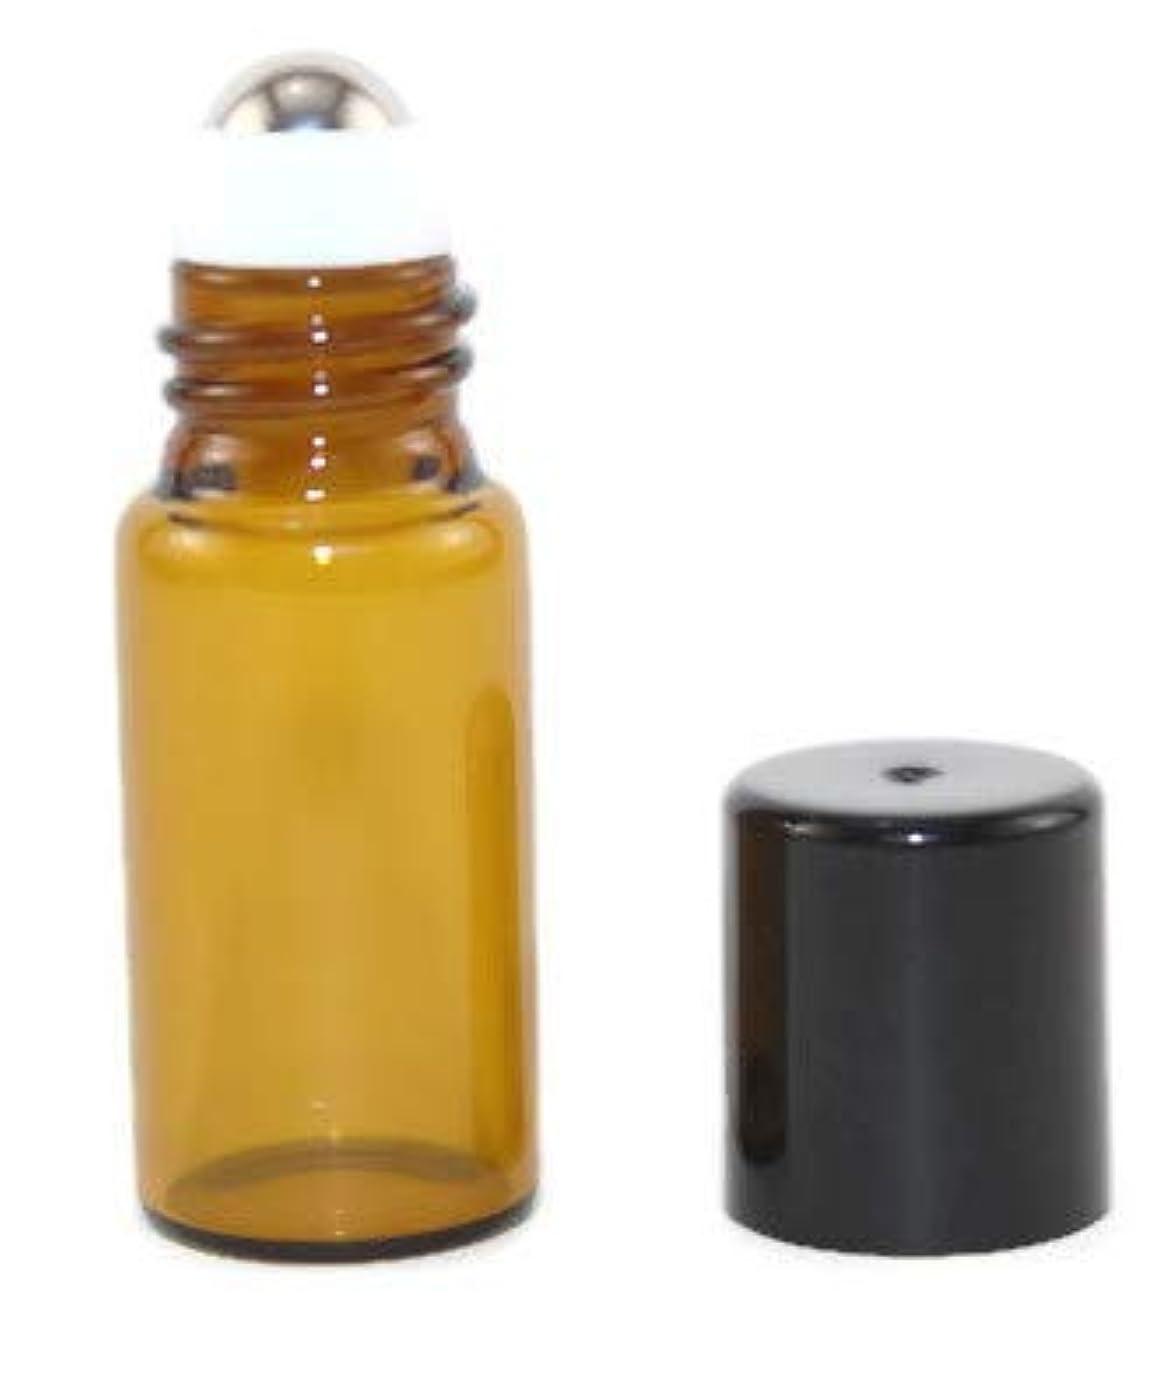 作業恐怖成人期USA 144 Amber Glass 3 ml Mini Roll-On Glass Bottles with Stainless Steel Roller Balls - Refillable Aromatherapy...